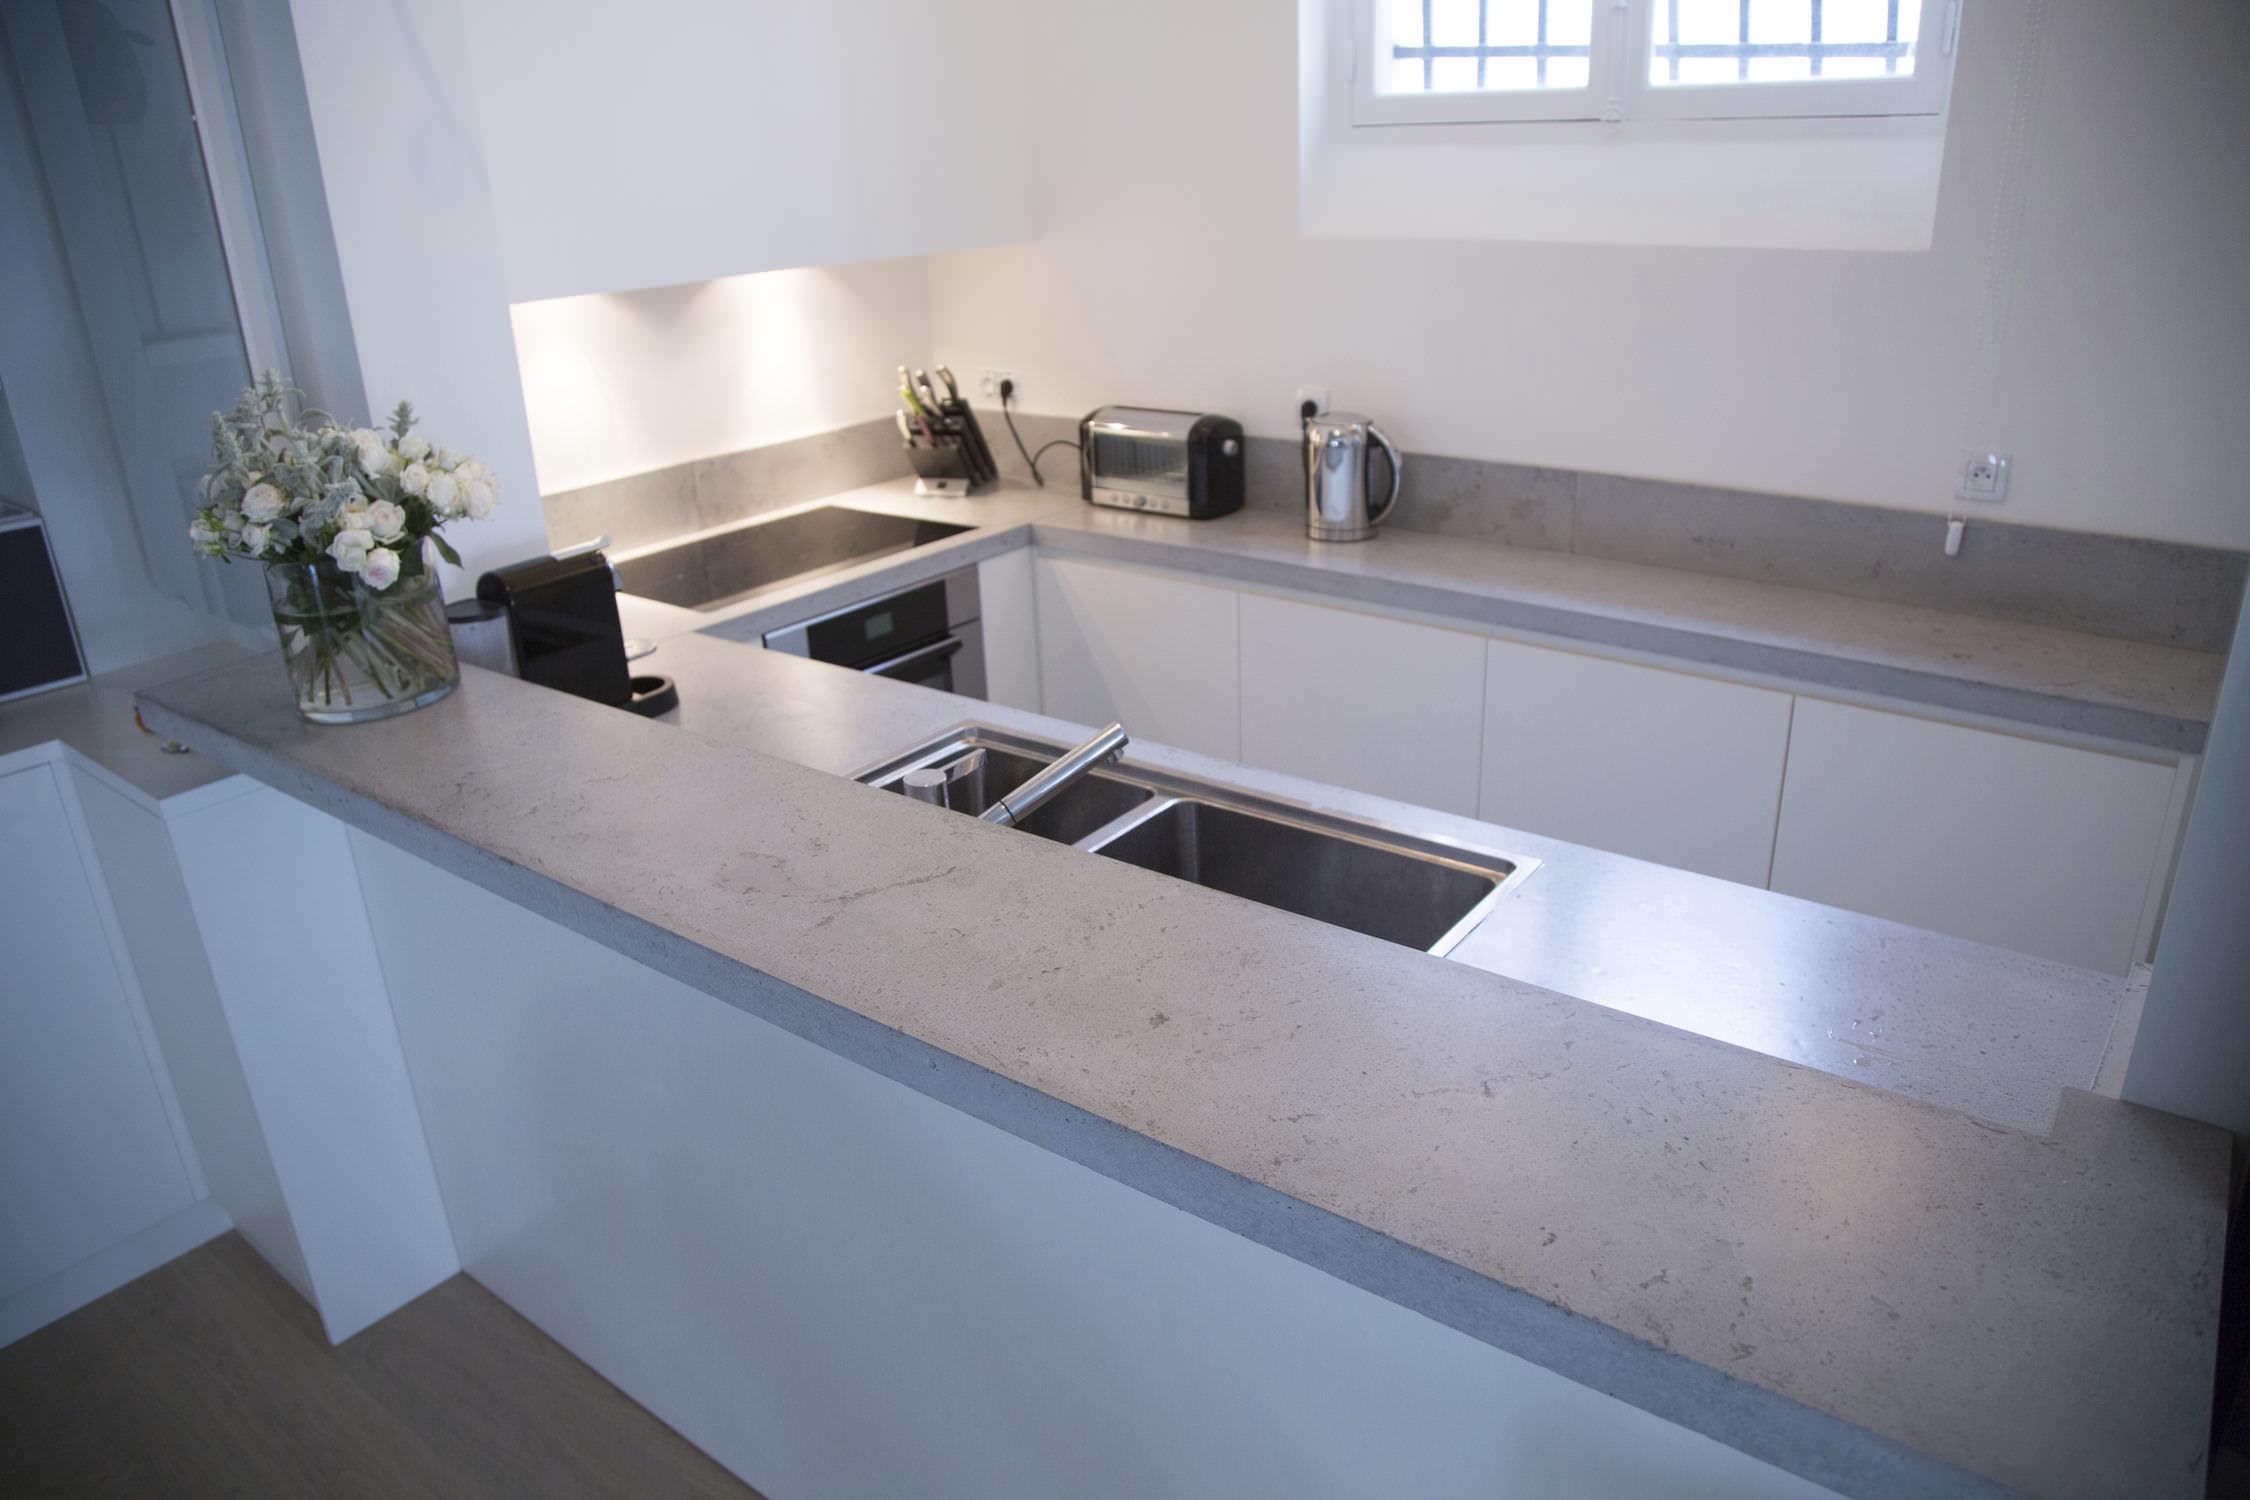 Concrete countertop / kitchen - Cuisine & crédence en béton ...